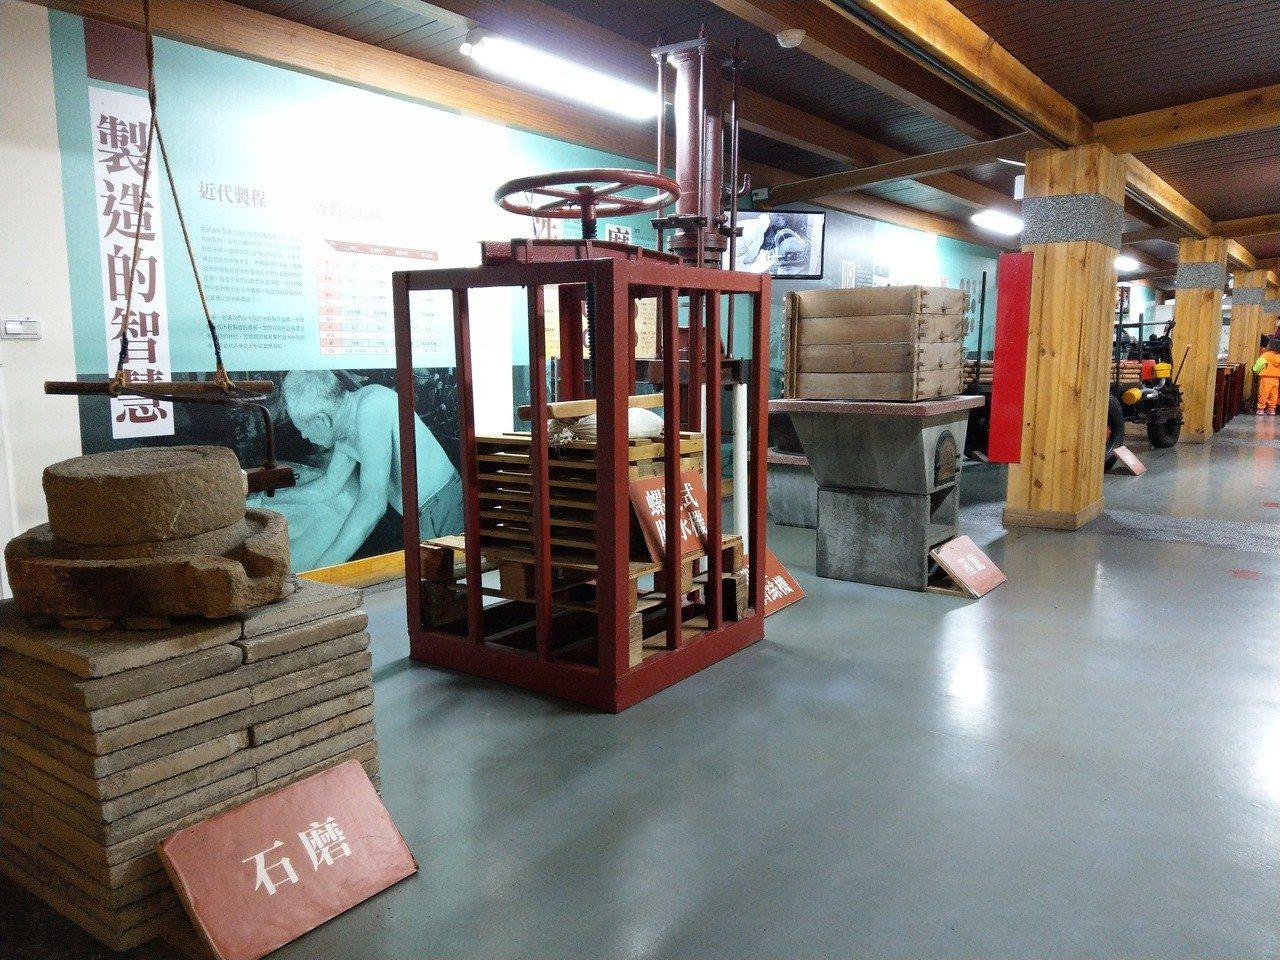 虎牌米粉產業文化館可以看到傳統製作米粉的機具。 記者戴永華/攝影